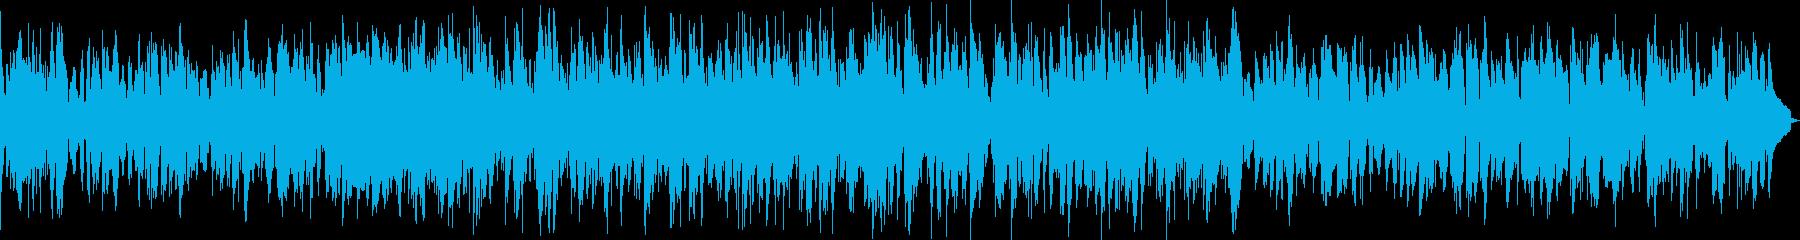 ほのぼのとした朝に似合うBGMの再生済みの波形